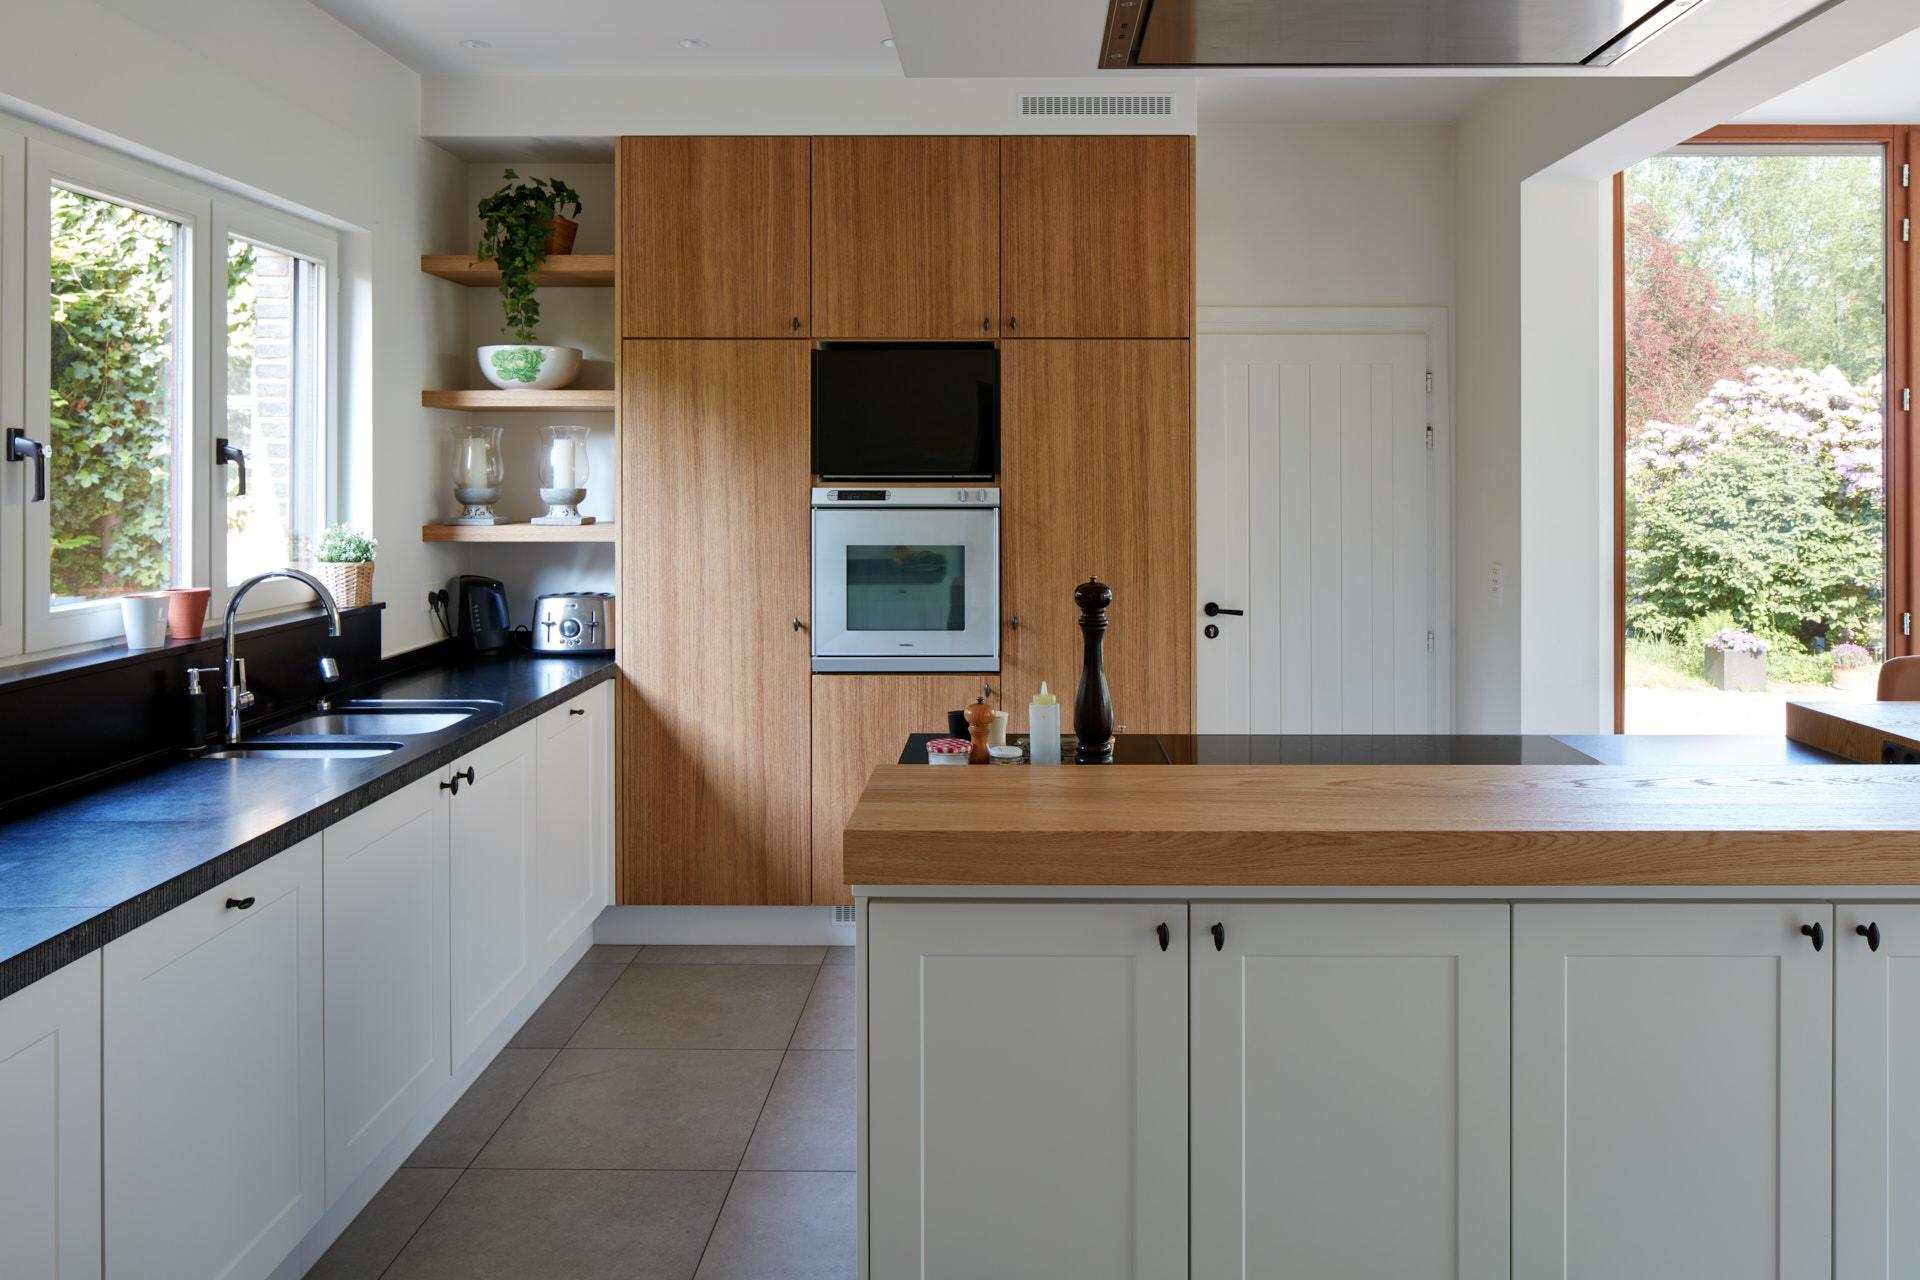 Webo-keukens-op-maat-Mol-Ooms-oven